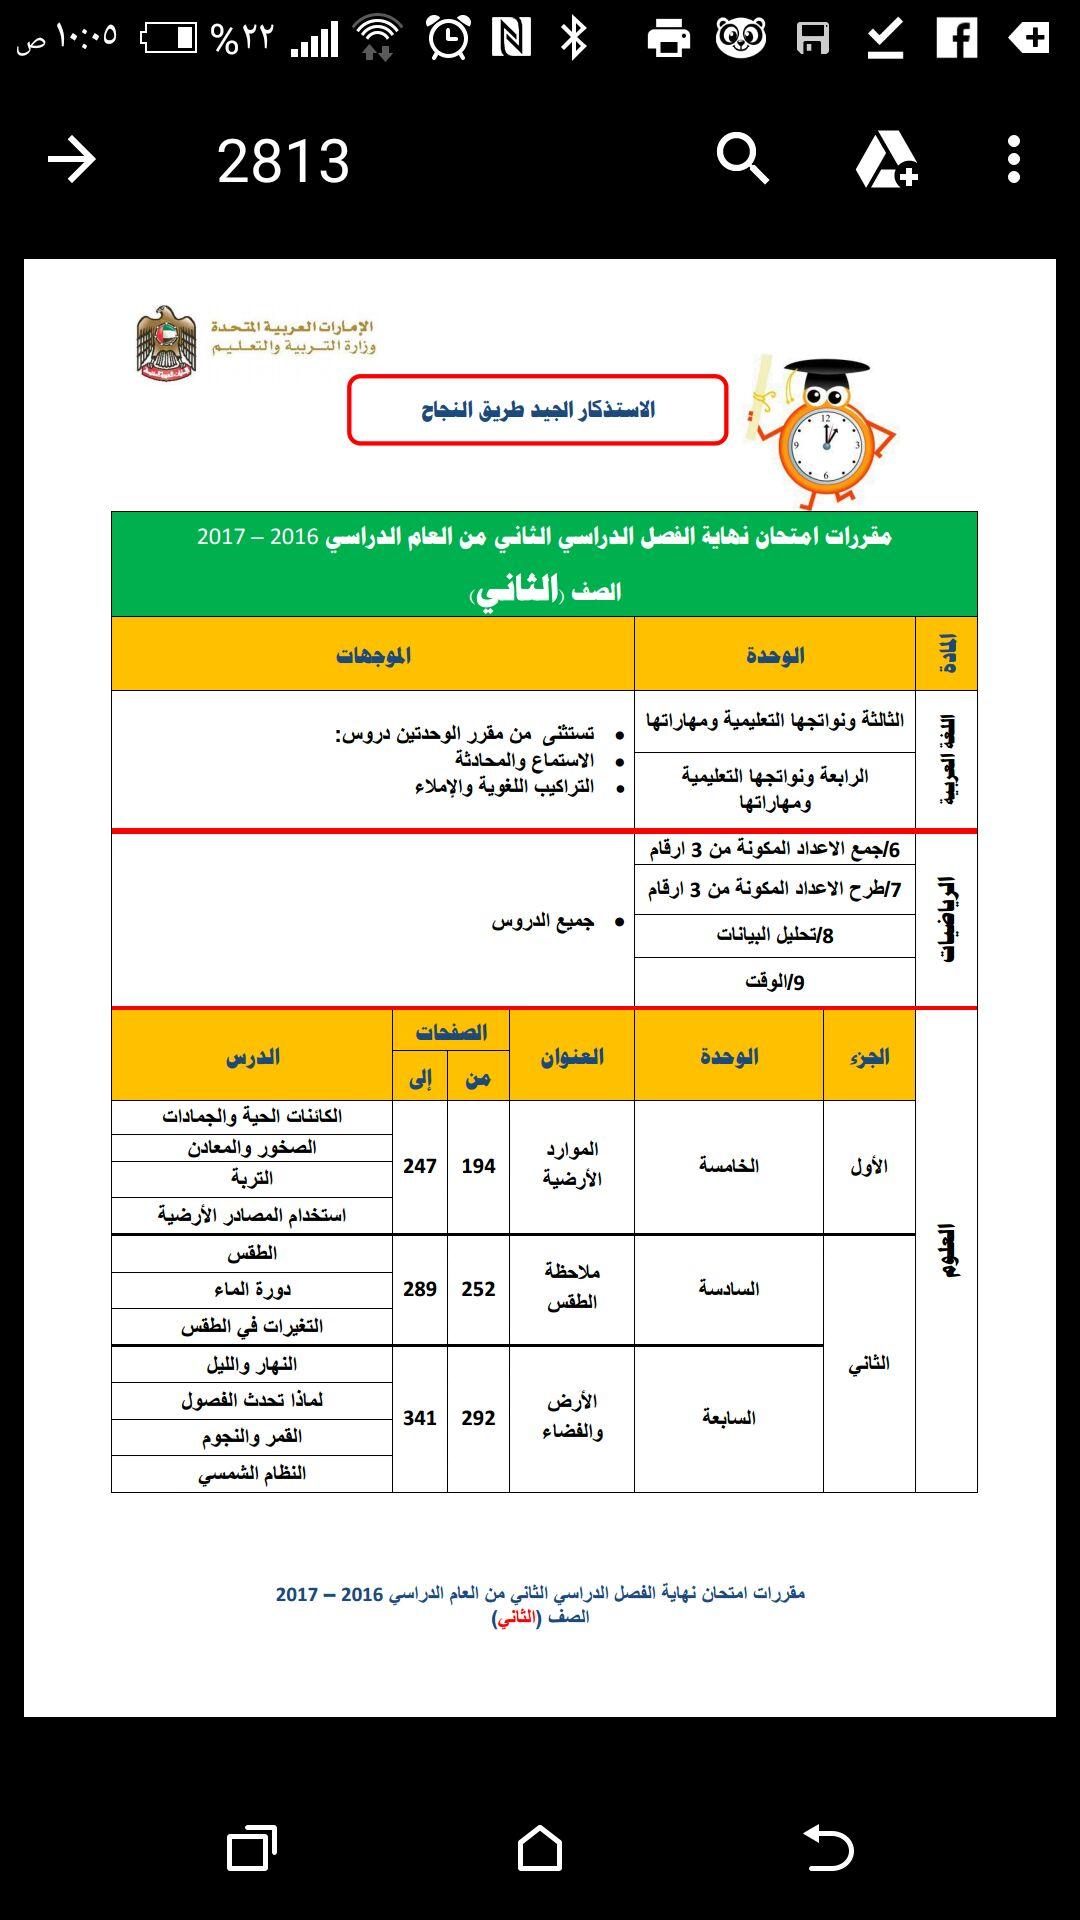 مقررات امتحان نهاية الفصل الدراسي الثاني لصف الثاني في الامارات